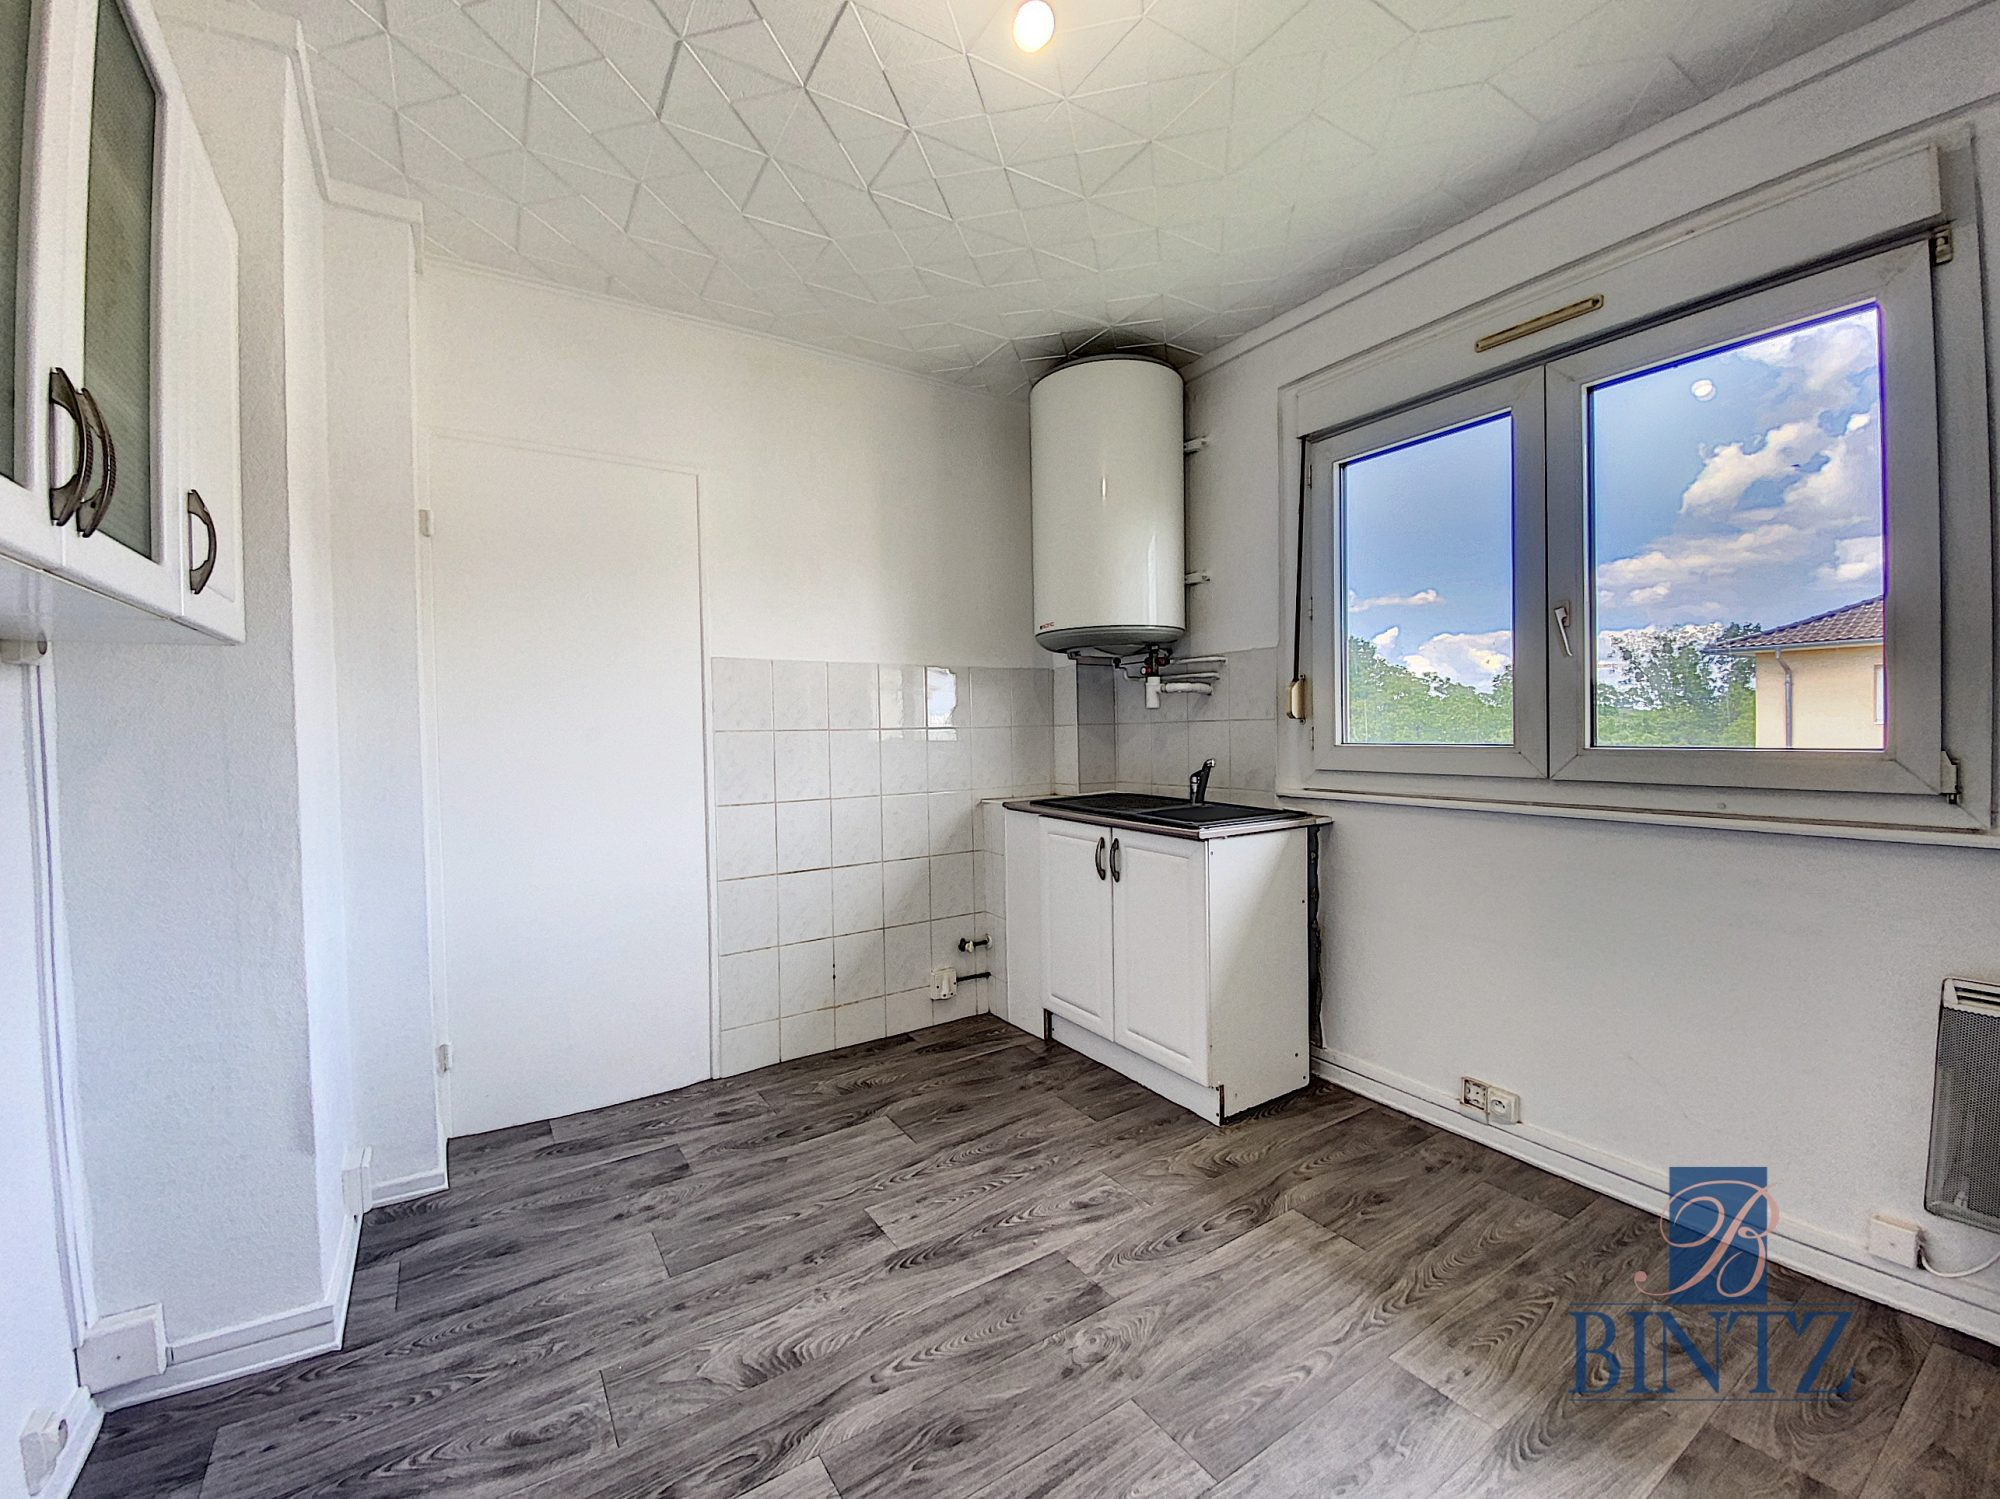 4P MUSAU 4 RIMBACH - Devenez locataire en toute sérénité - Bintz Immobilier - 9